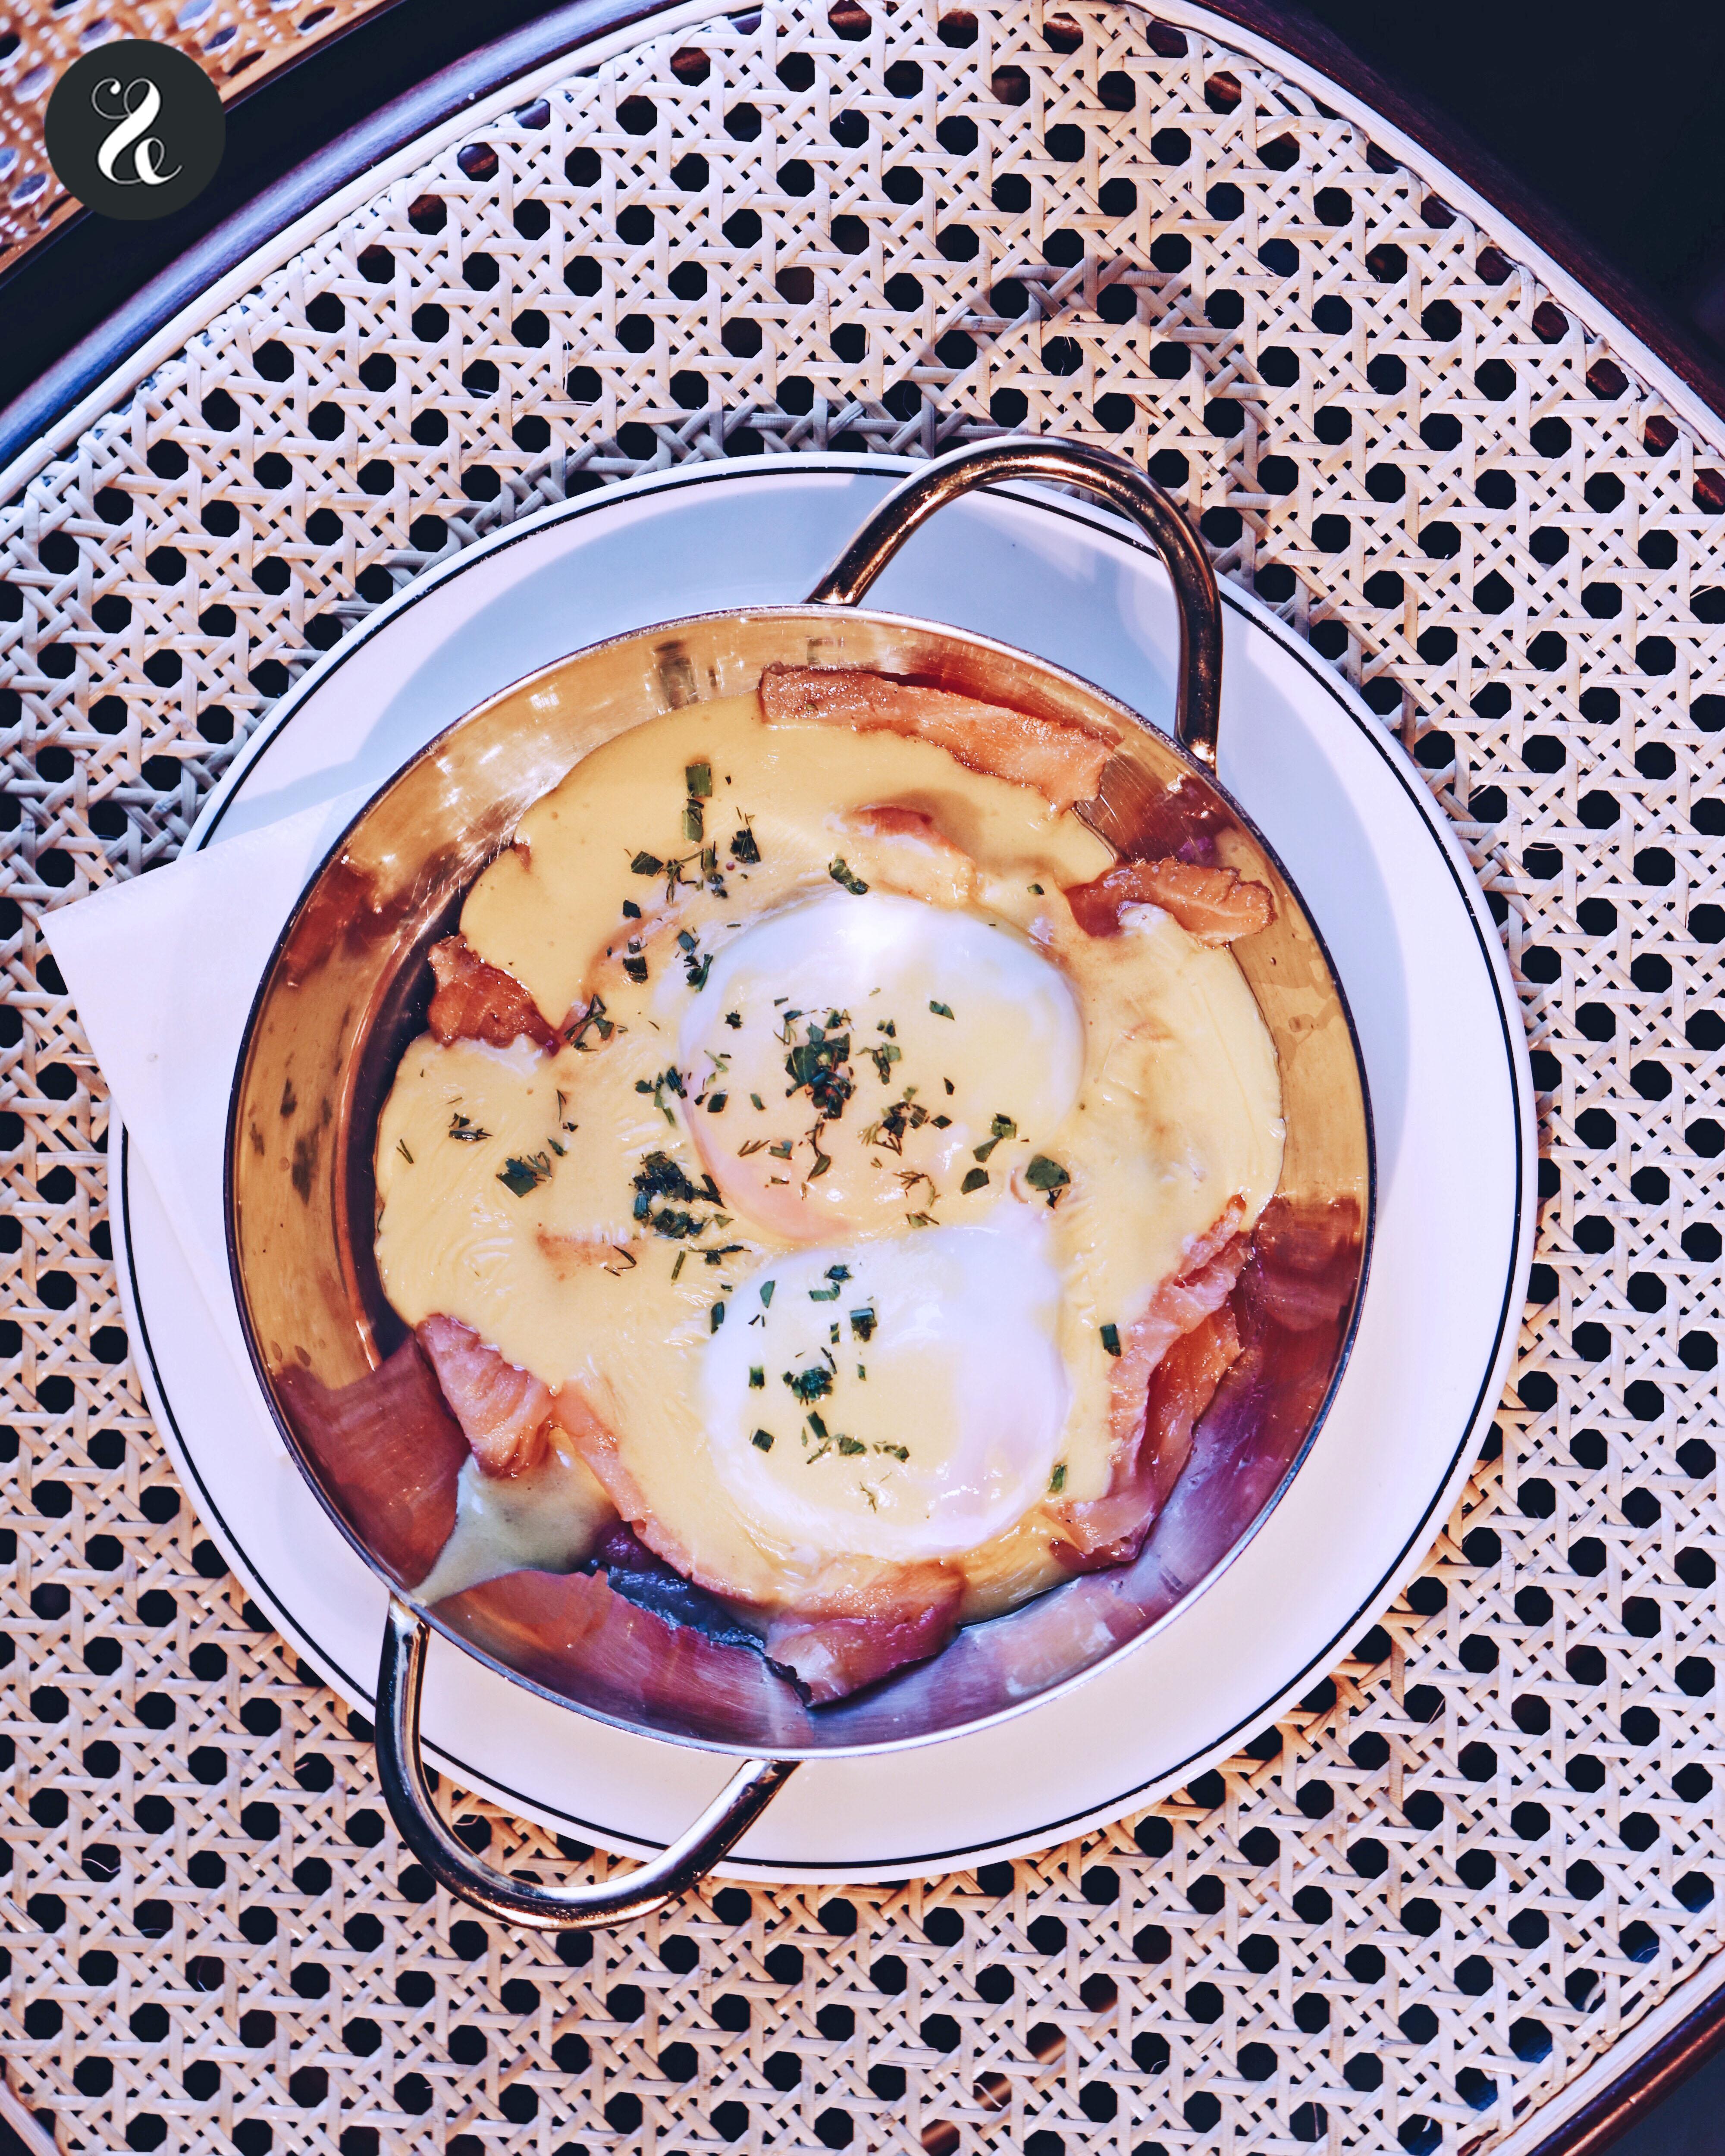 mejores huevos benedictinos Madrid